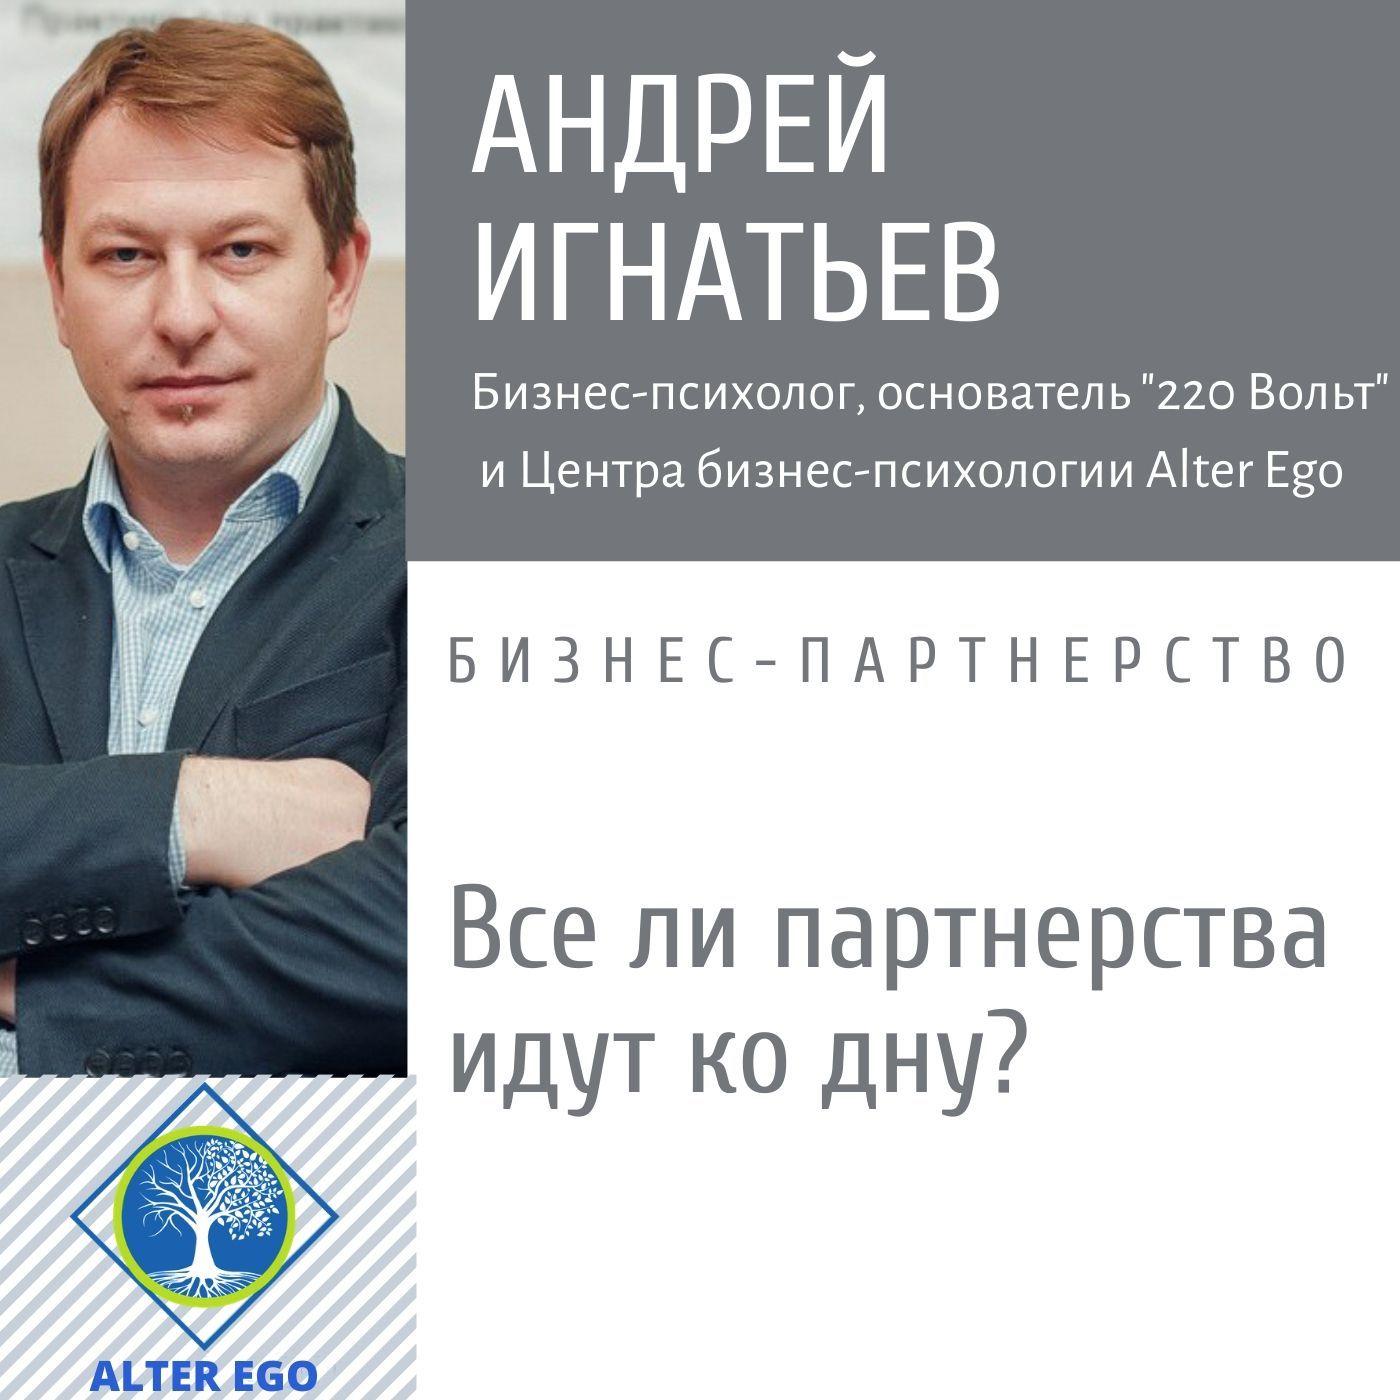 Купить книгу Все ли бизнес-партнерства идут ко дну?, автора Андрея Игнатьева